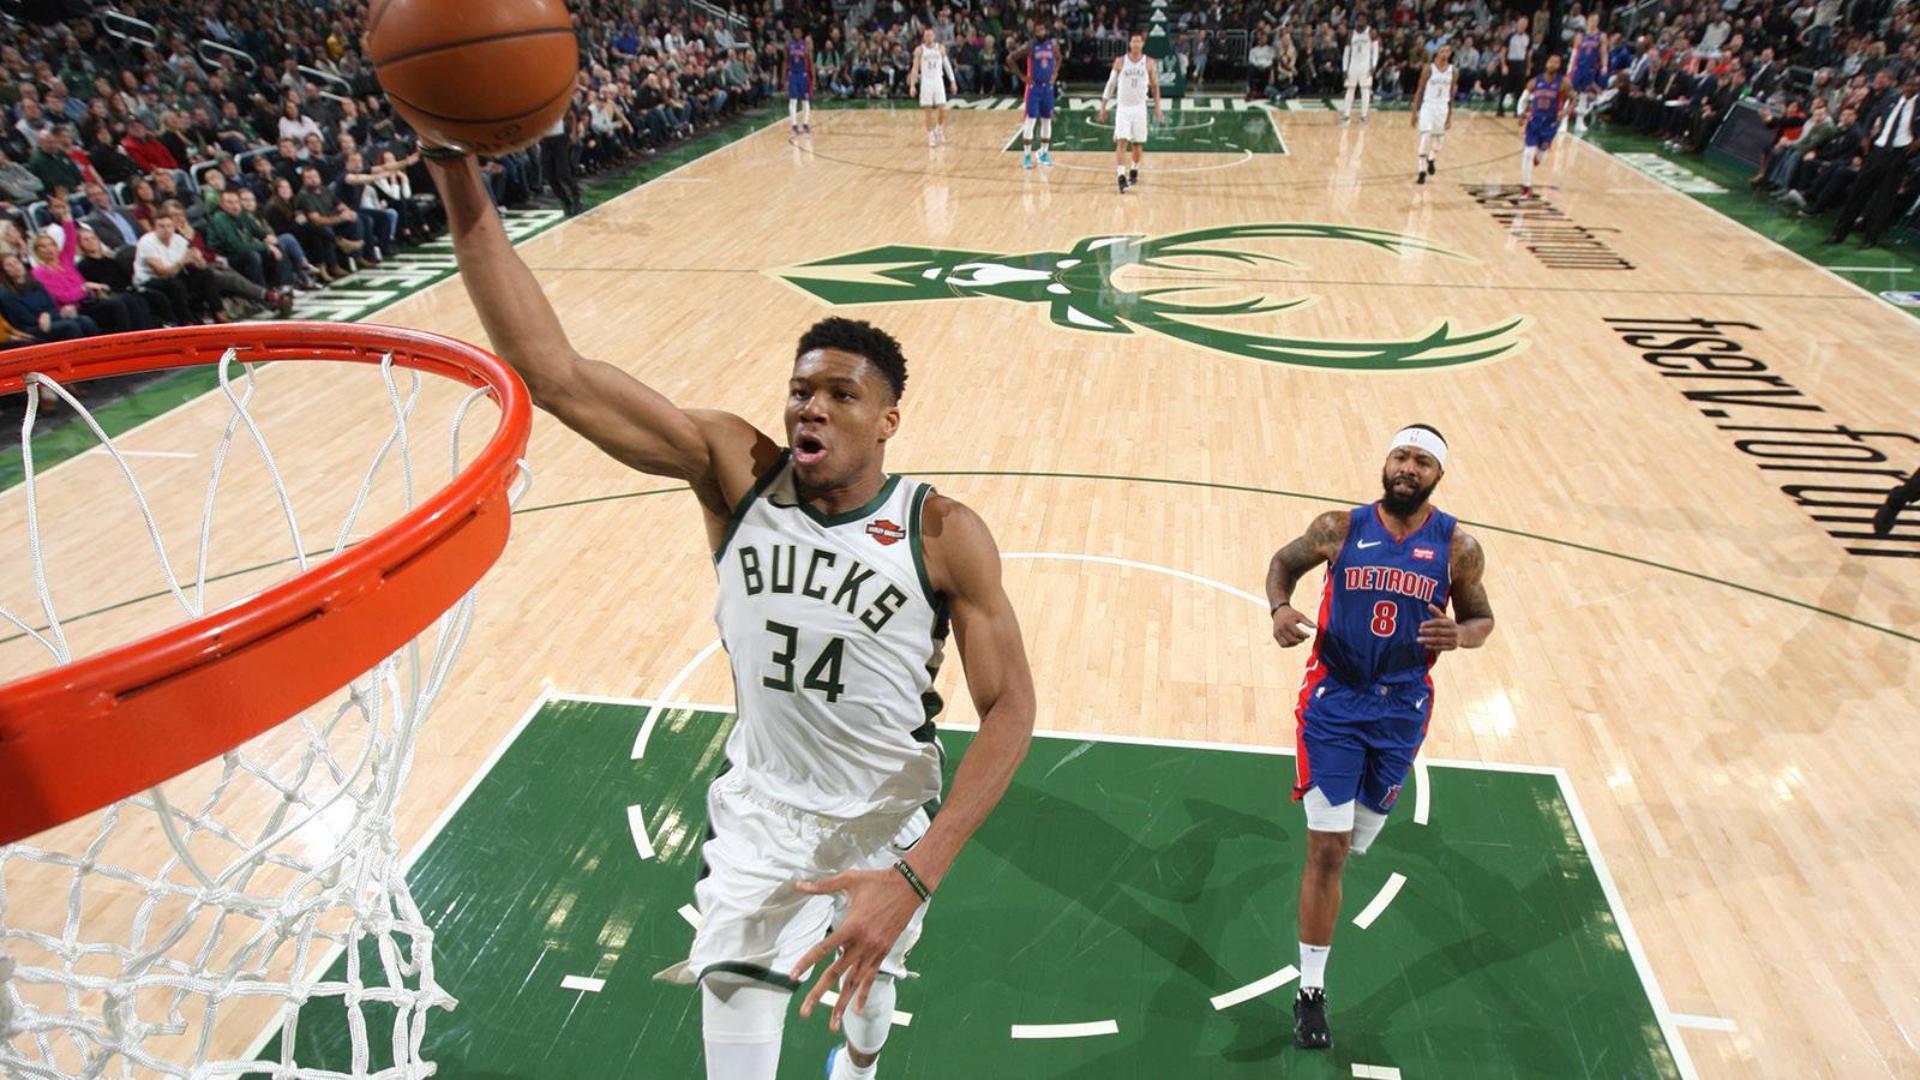 2019-2020 NBA常规赛 密尔沃基雄鹿 VS 底特律活塞 集锦Part1